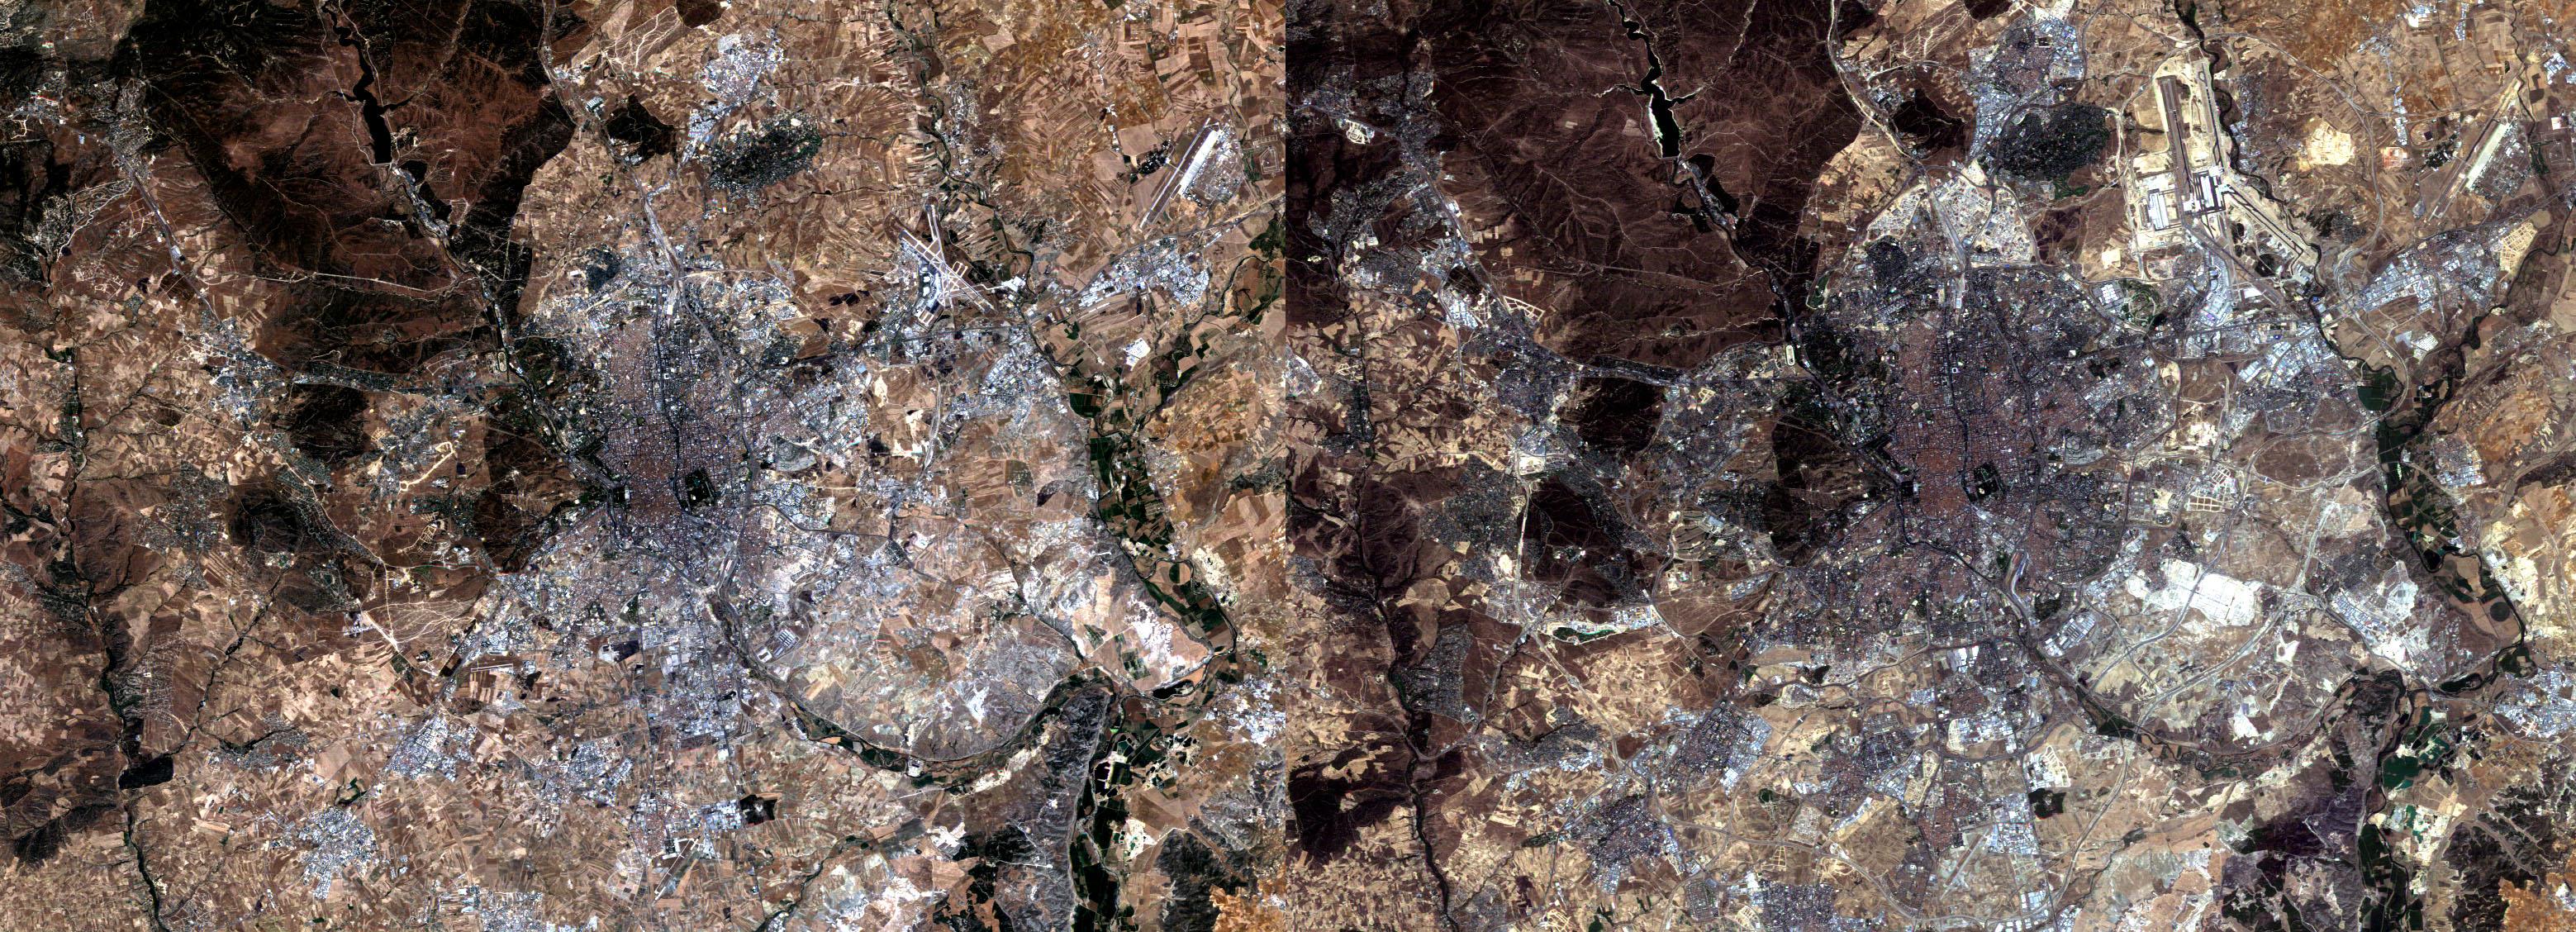 Madrid en 1984 y 2004